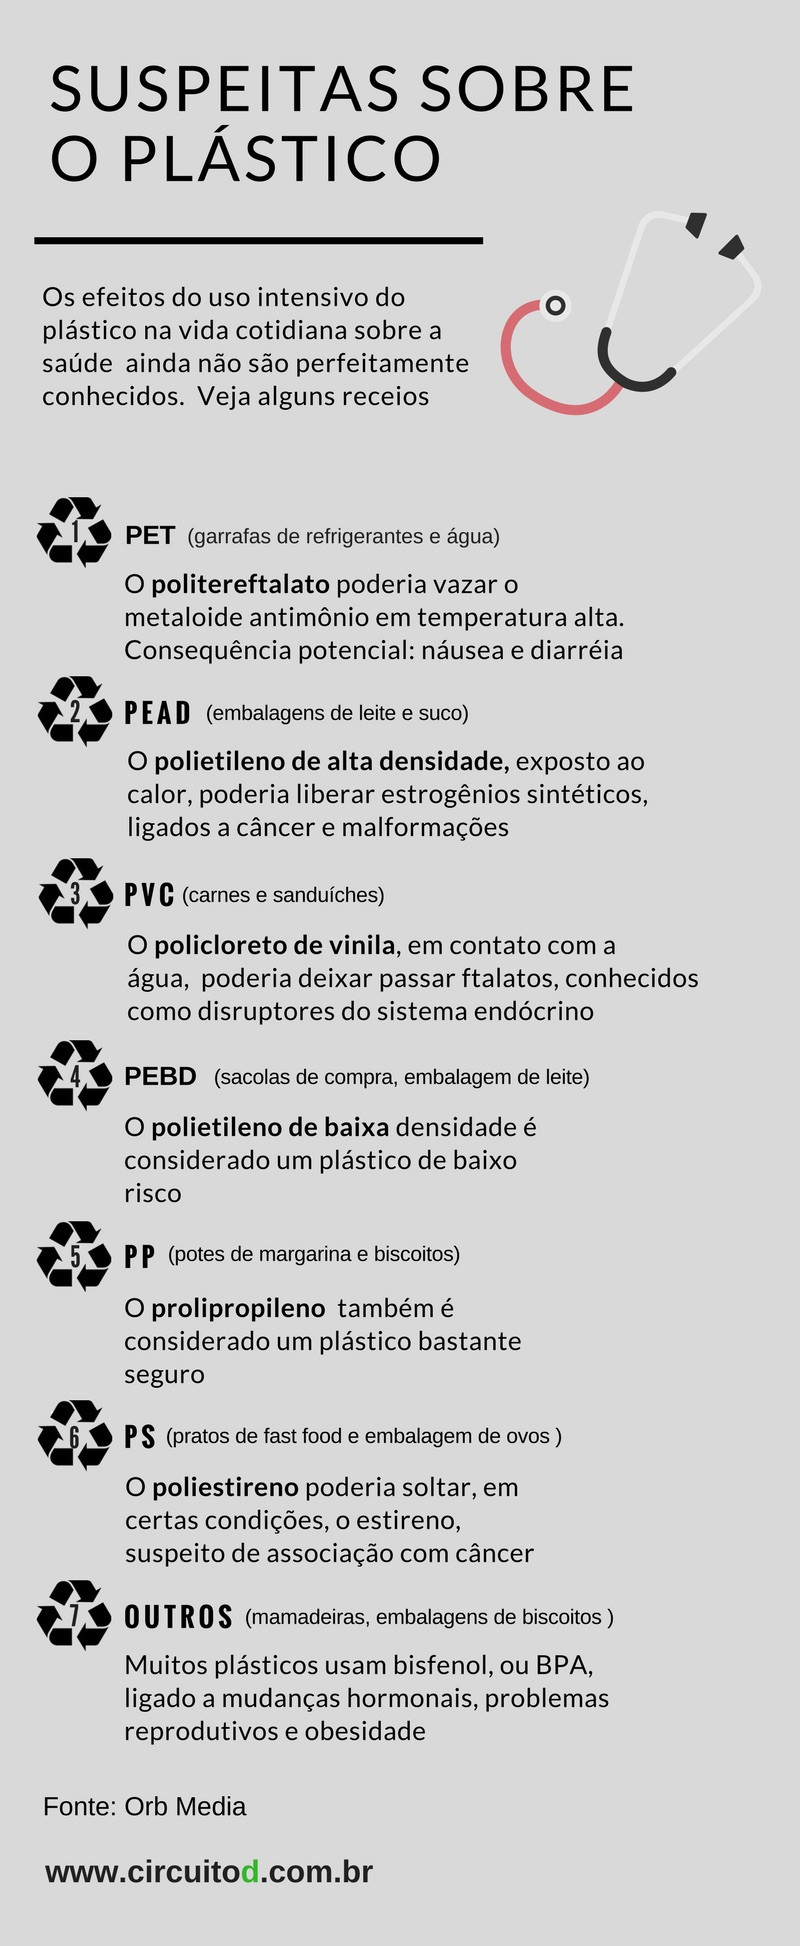 infográfico sobre as suspeitas sobre os efeitos do plástico para a saúde